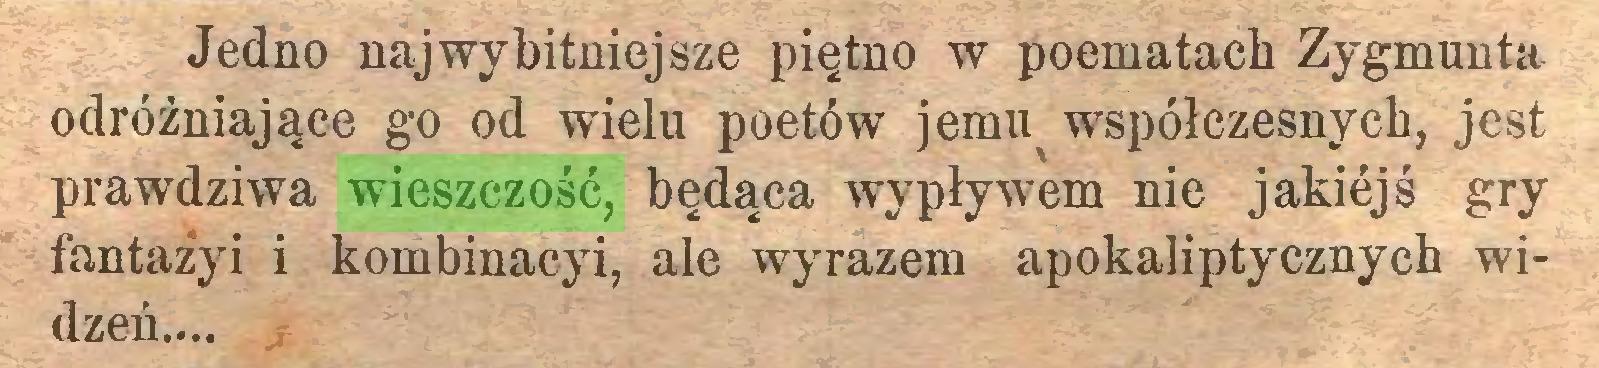 (...) Jedno najwybitniejsze piętno w poematach Zygmunta odróżniające go od wielu poetów jemu współczesnych, jest prawdziwa wieszczość, będąca wypływem nie jakiejś gry fantażyi i kombinacyi, ale wyrazem apokaliptycznych widzeń...